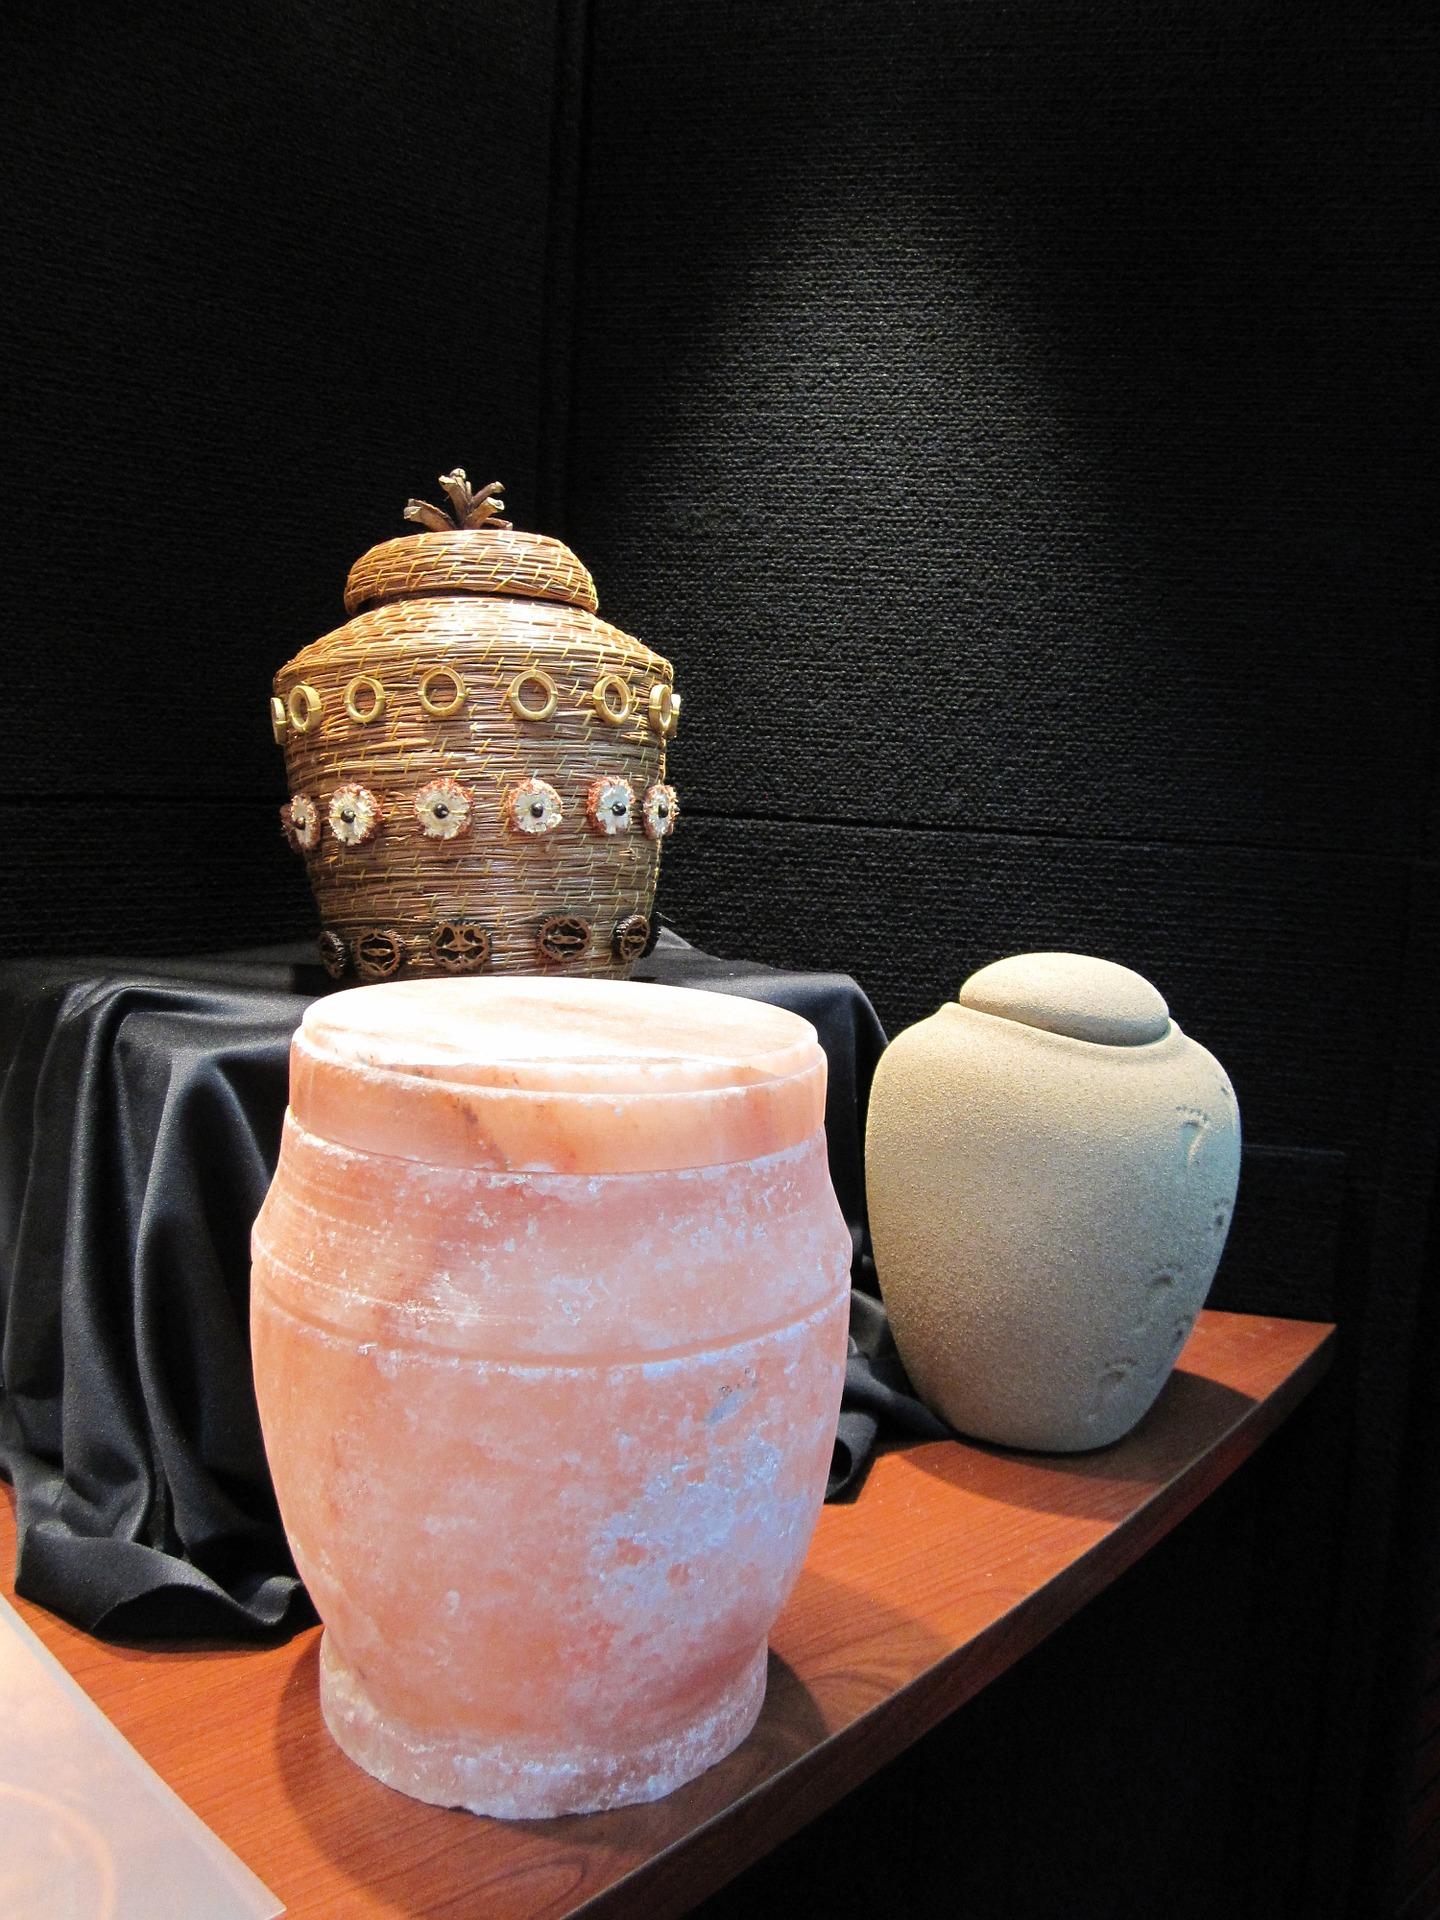 Costo della cremazione Palermo offre un'opzione conveniente